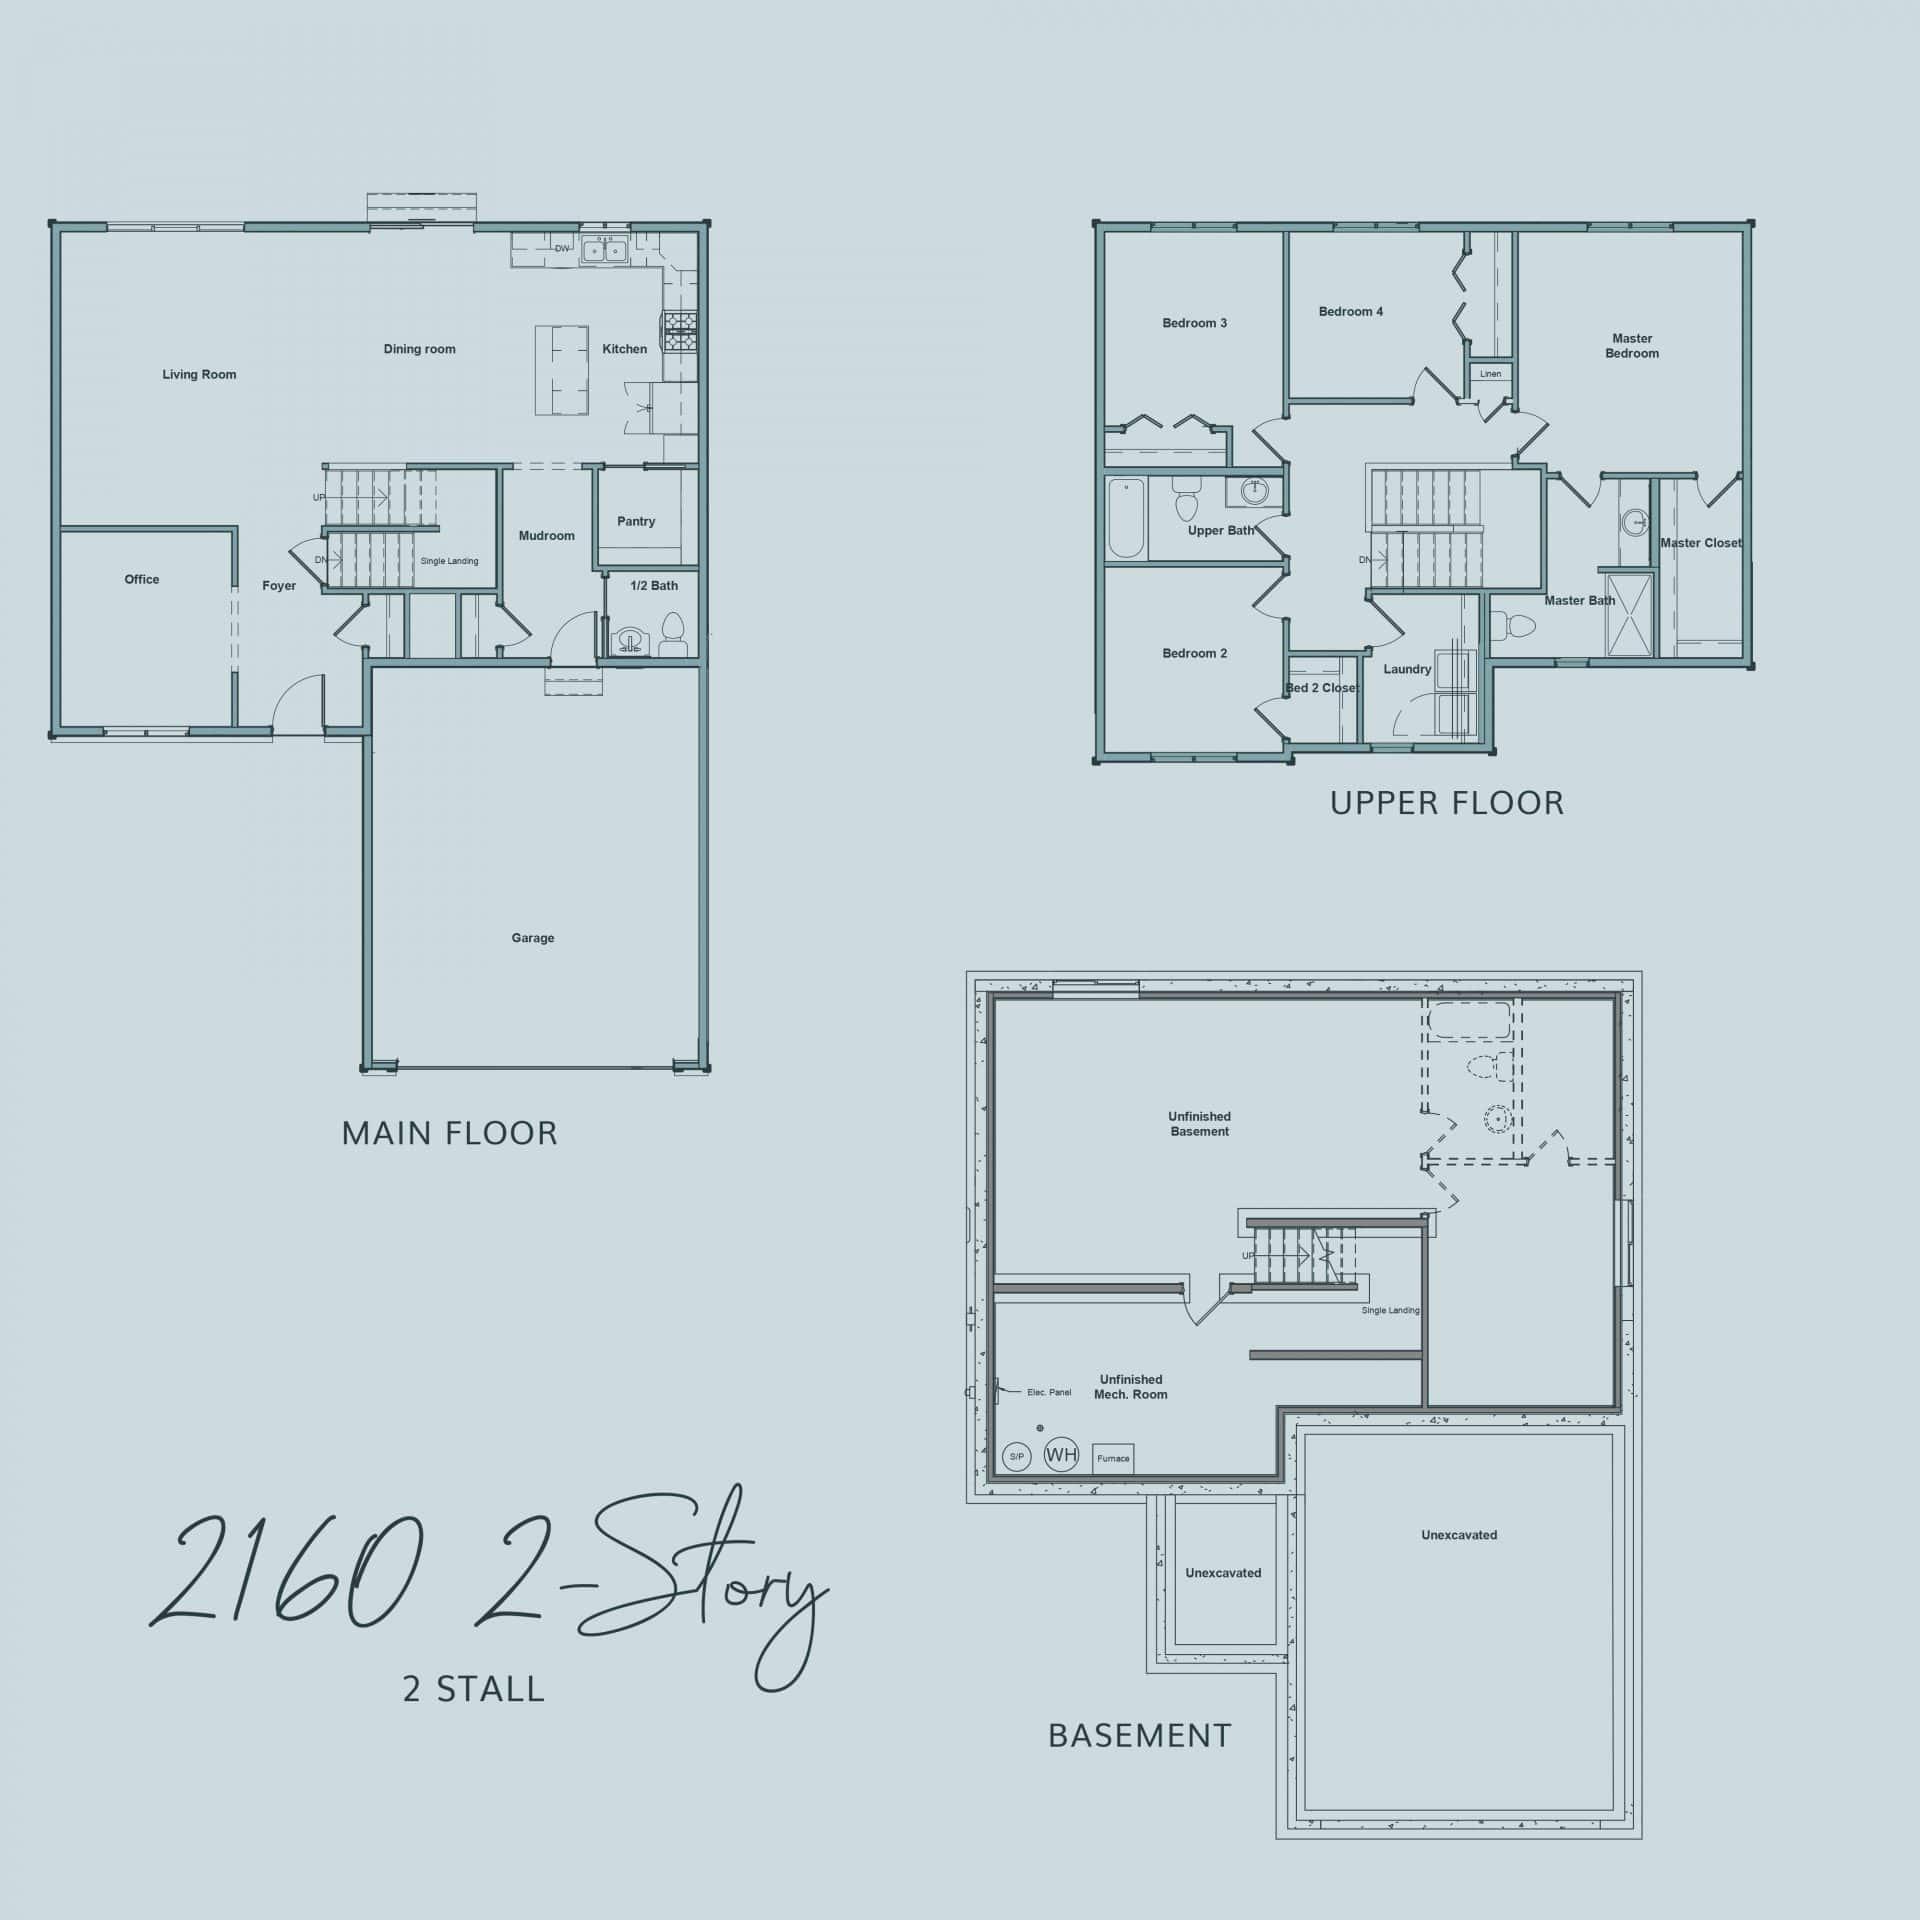 2160 2 Stall Plan